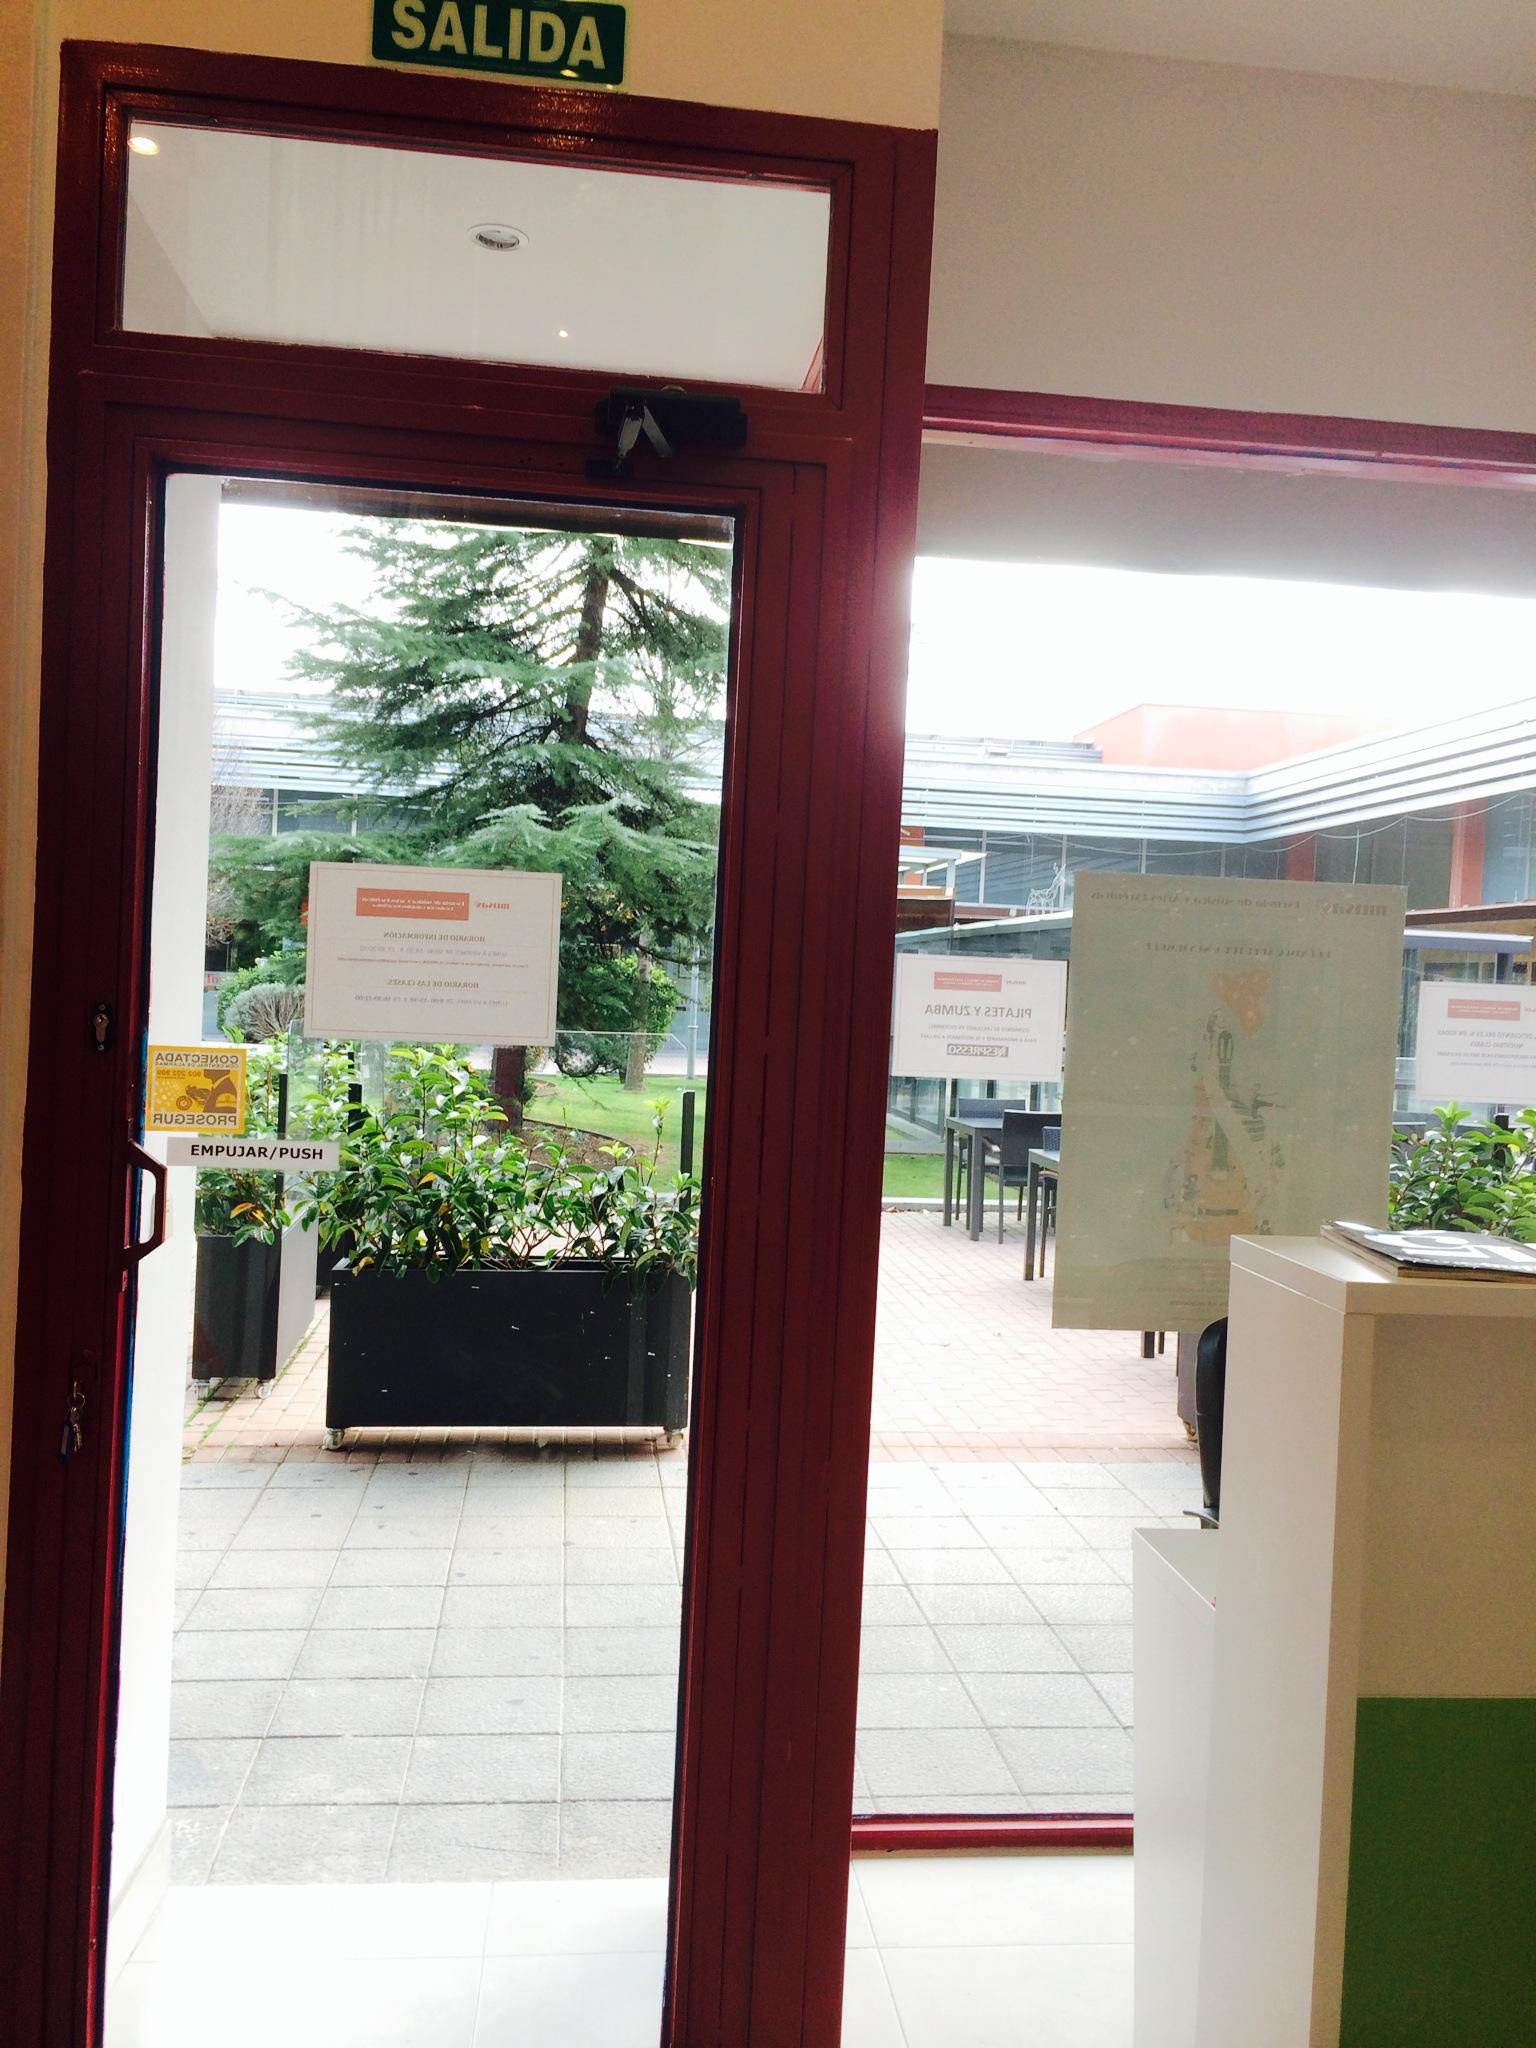 Nuestra escuela está situada en la Plaza Garena, con amplio espacio, sin tráfico y destinado al ocio.